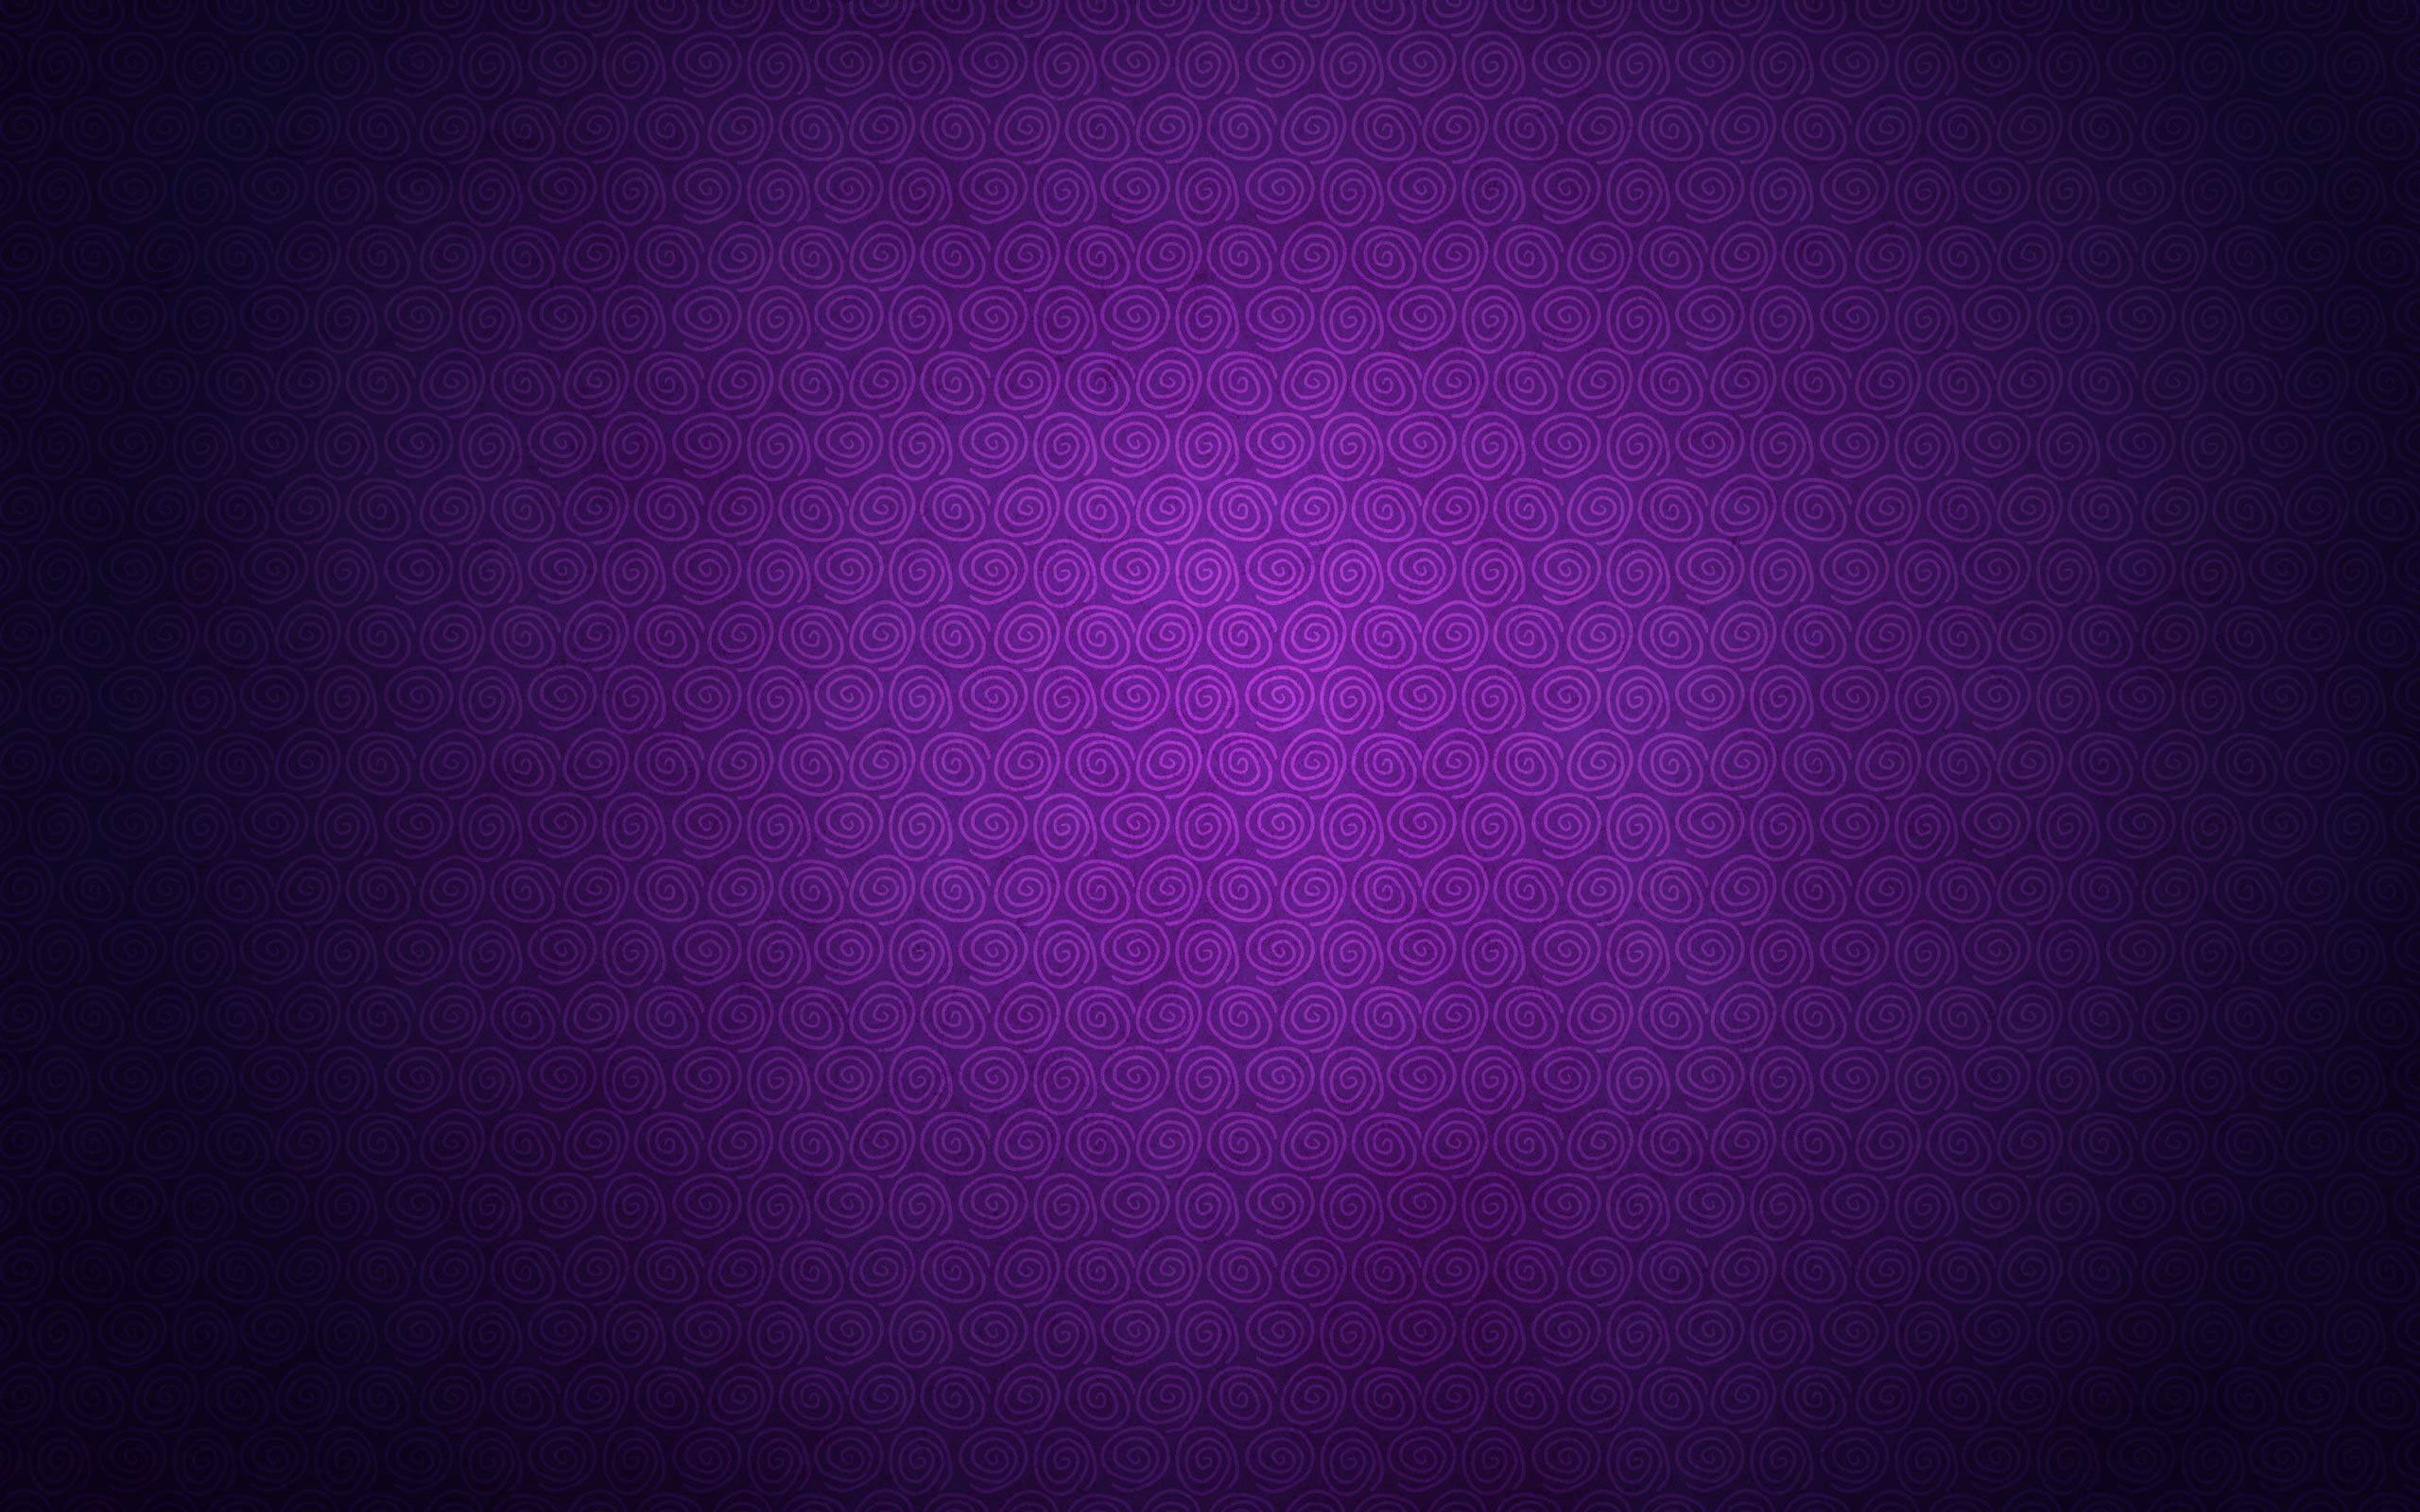 Islamic Wallpaper Hd Download Full Purple Wallpapers 2560x1600 Full Hd Wall